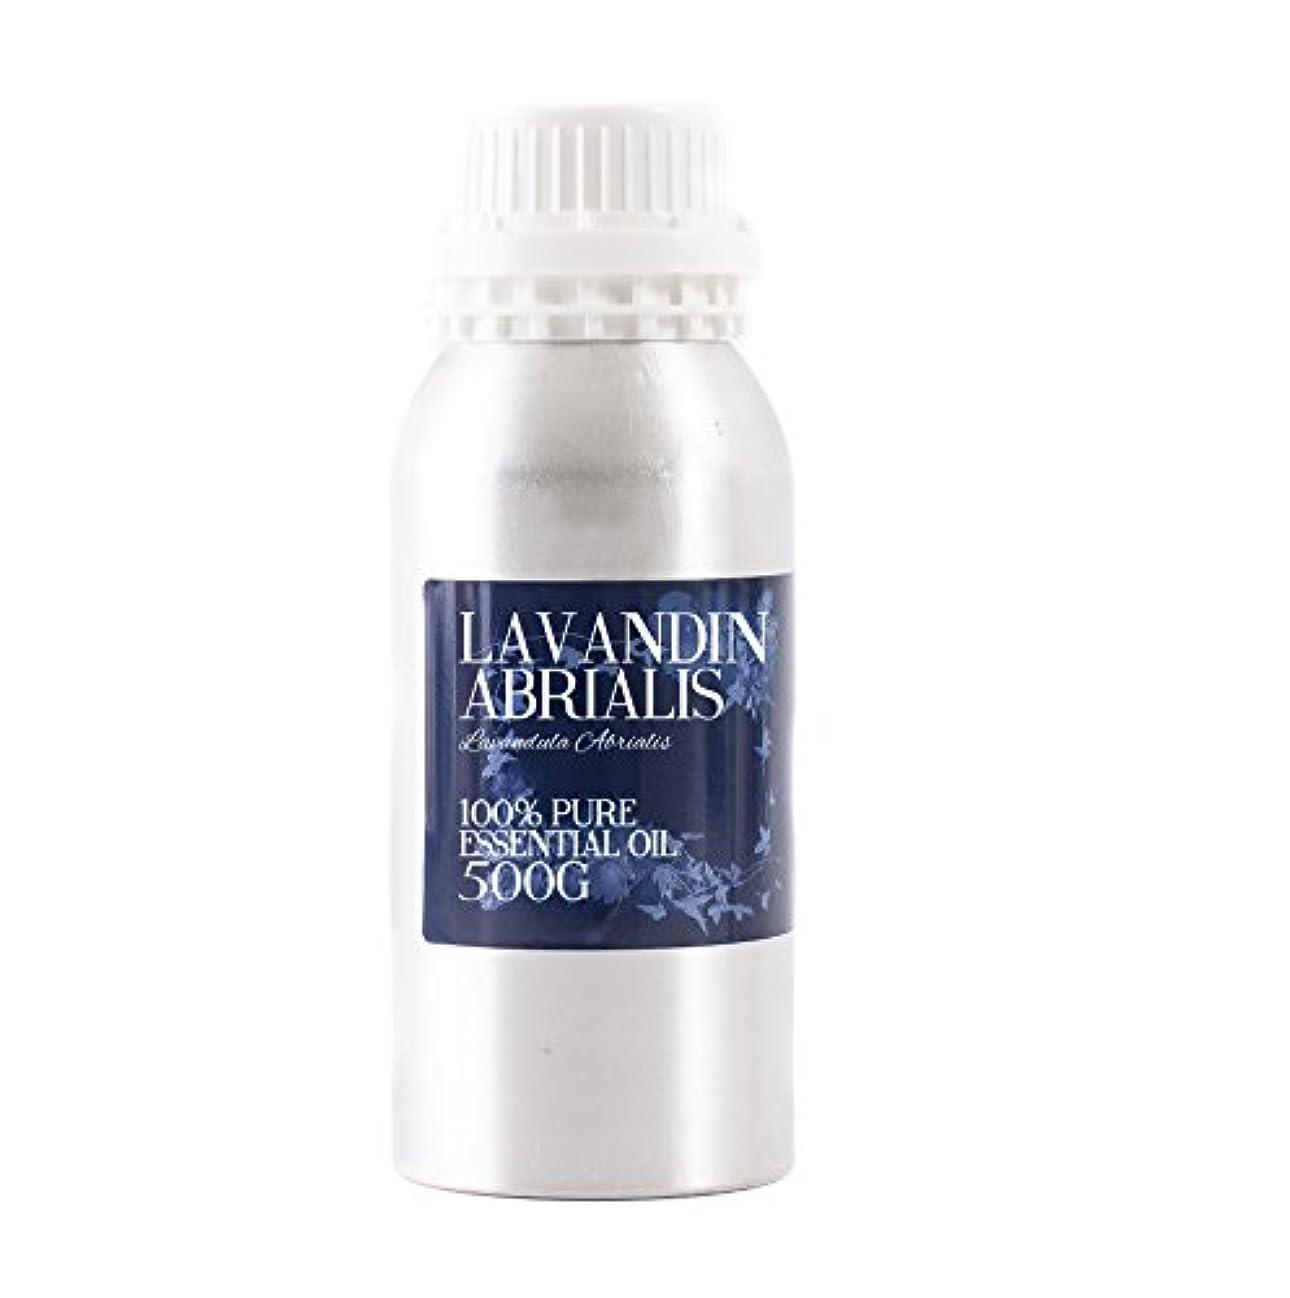 シャッフルヒロインとにかくMystic Moments | Lavandin Abrialis Essential Oil - 500g - 100% Pure